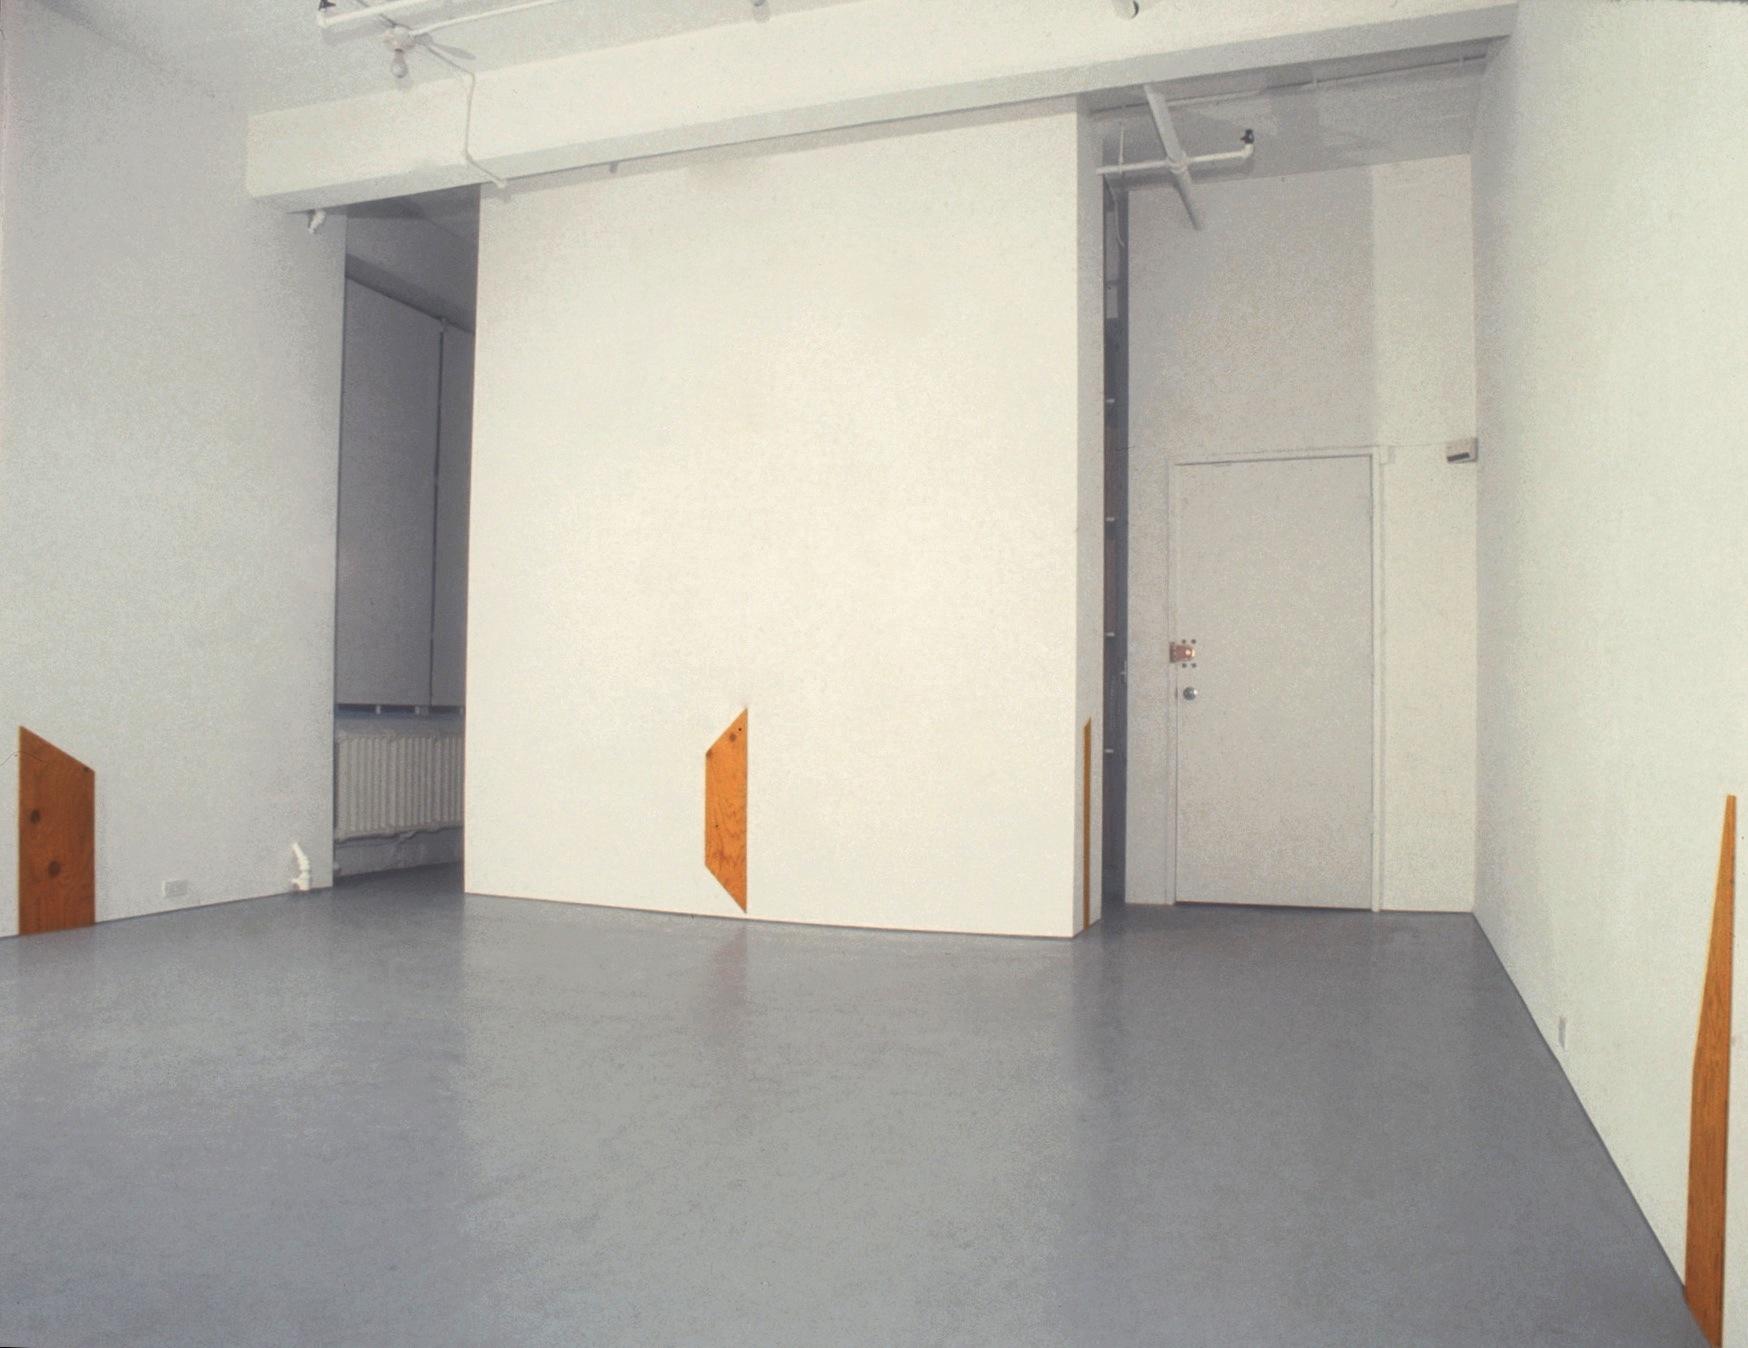 Richard Tuttle at Lawrence Markey 1990-91 2.jpeg